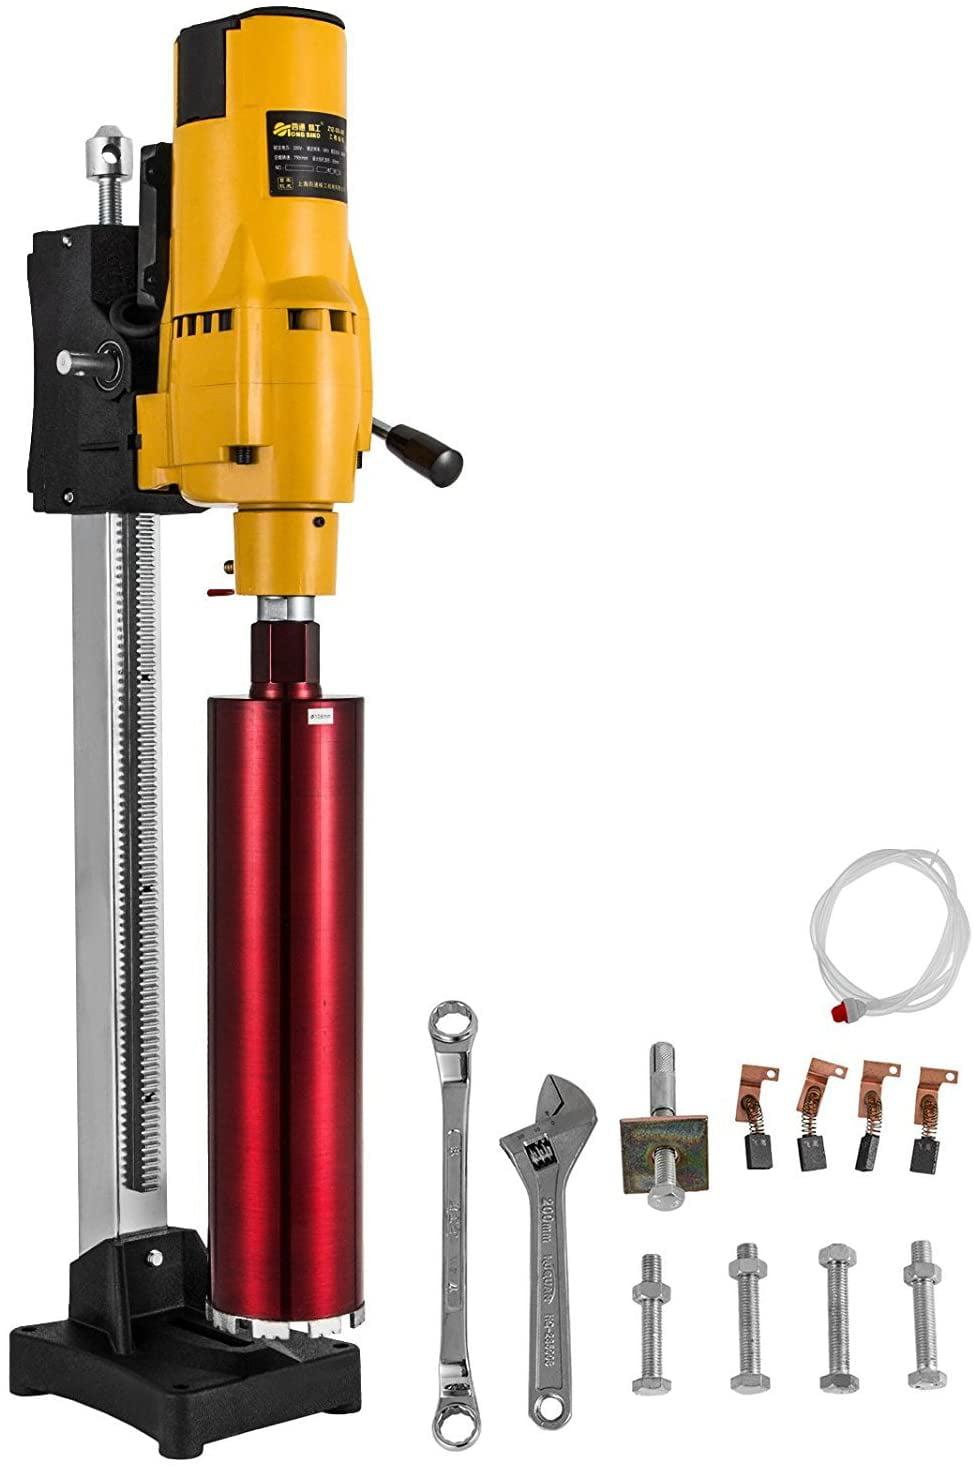 Vevor 3980w Diamond Core Drill Concrete Drill Machine Max 205mm W Stand Drill Bits Walmart Canada